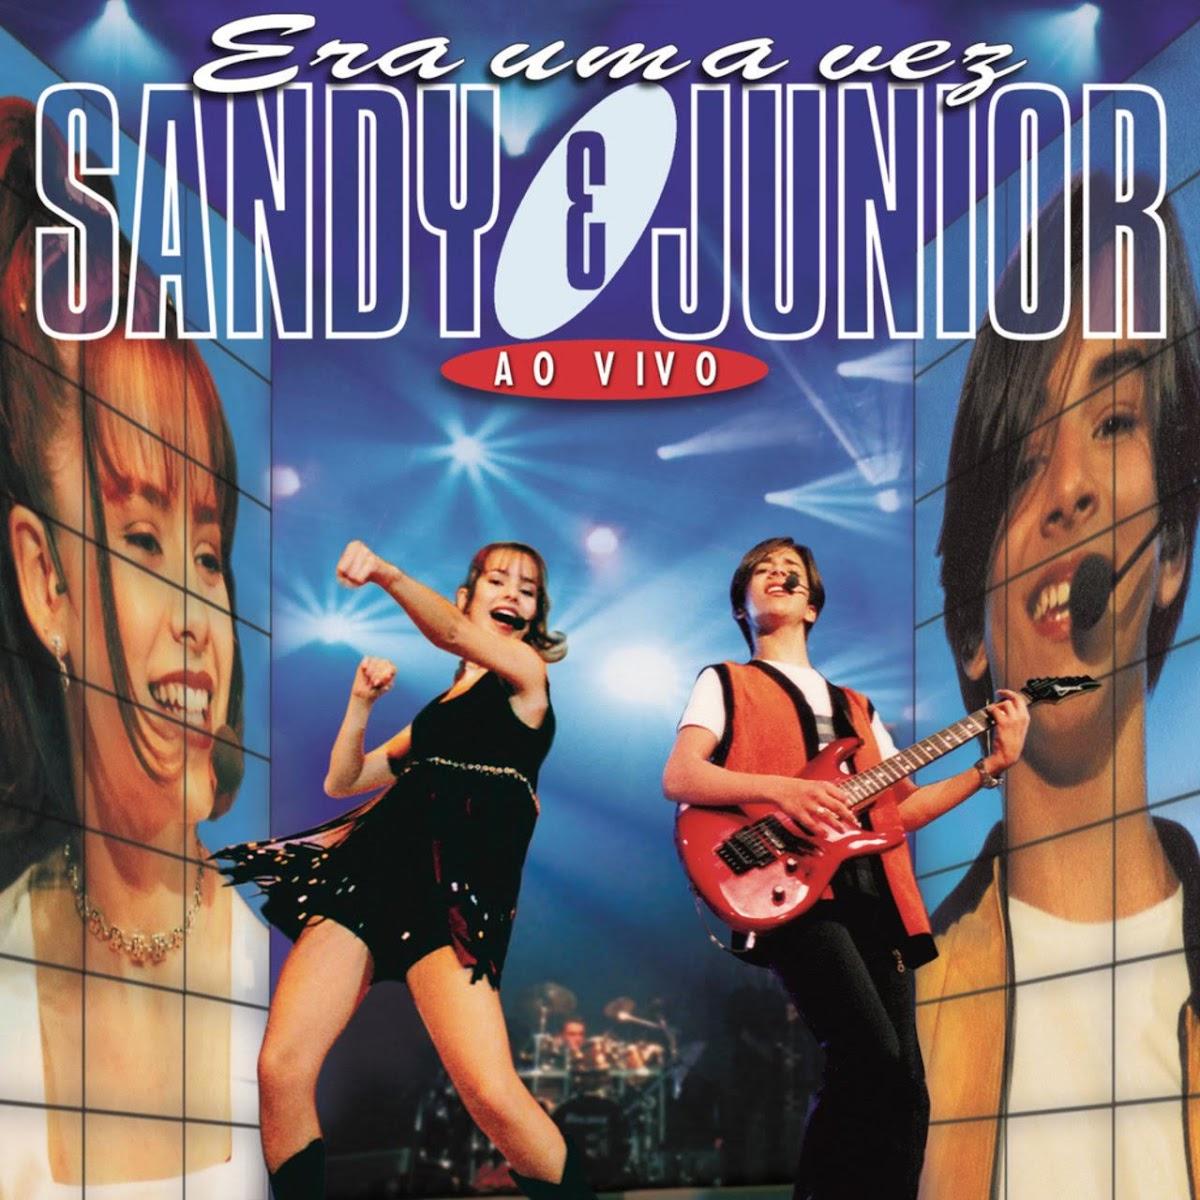 CD - Era uma vez - Sandy & Junior - Ao Vivo